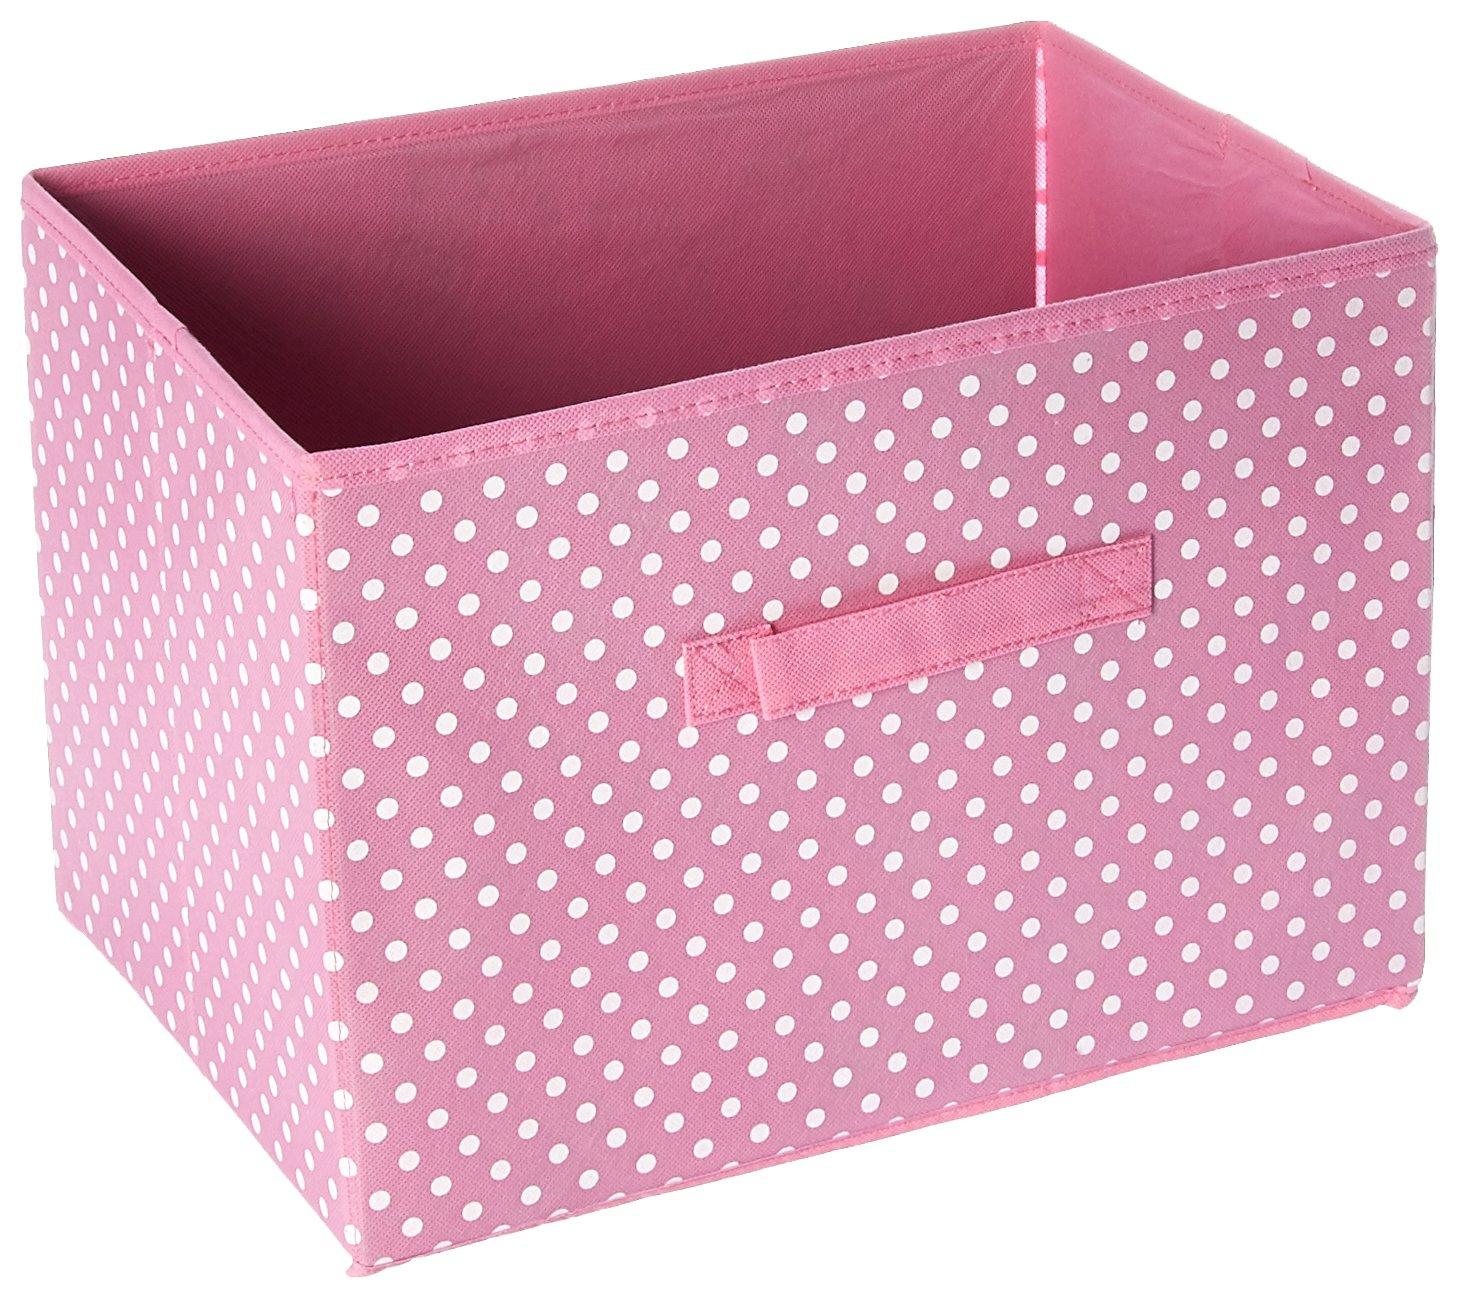 FURINNO SD11144PK Laci Dot Design Non-Woven Fabric Soft Storage Organizer, Small, Pink